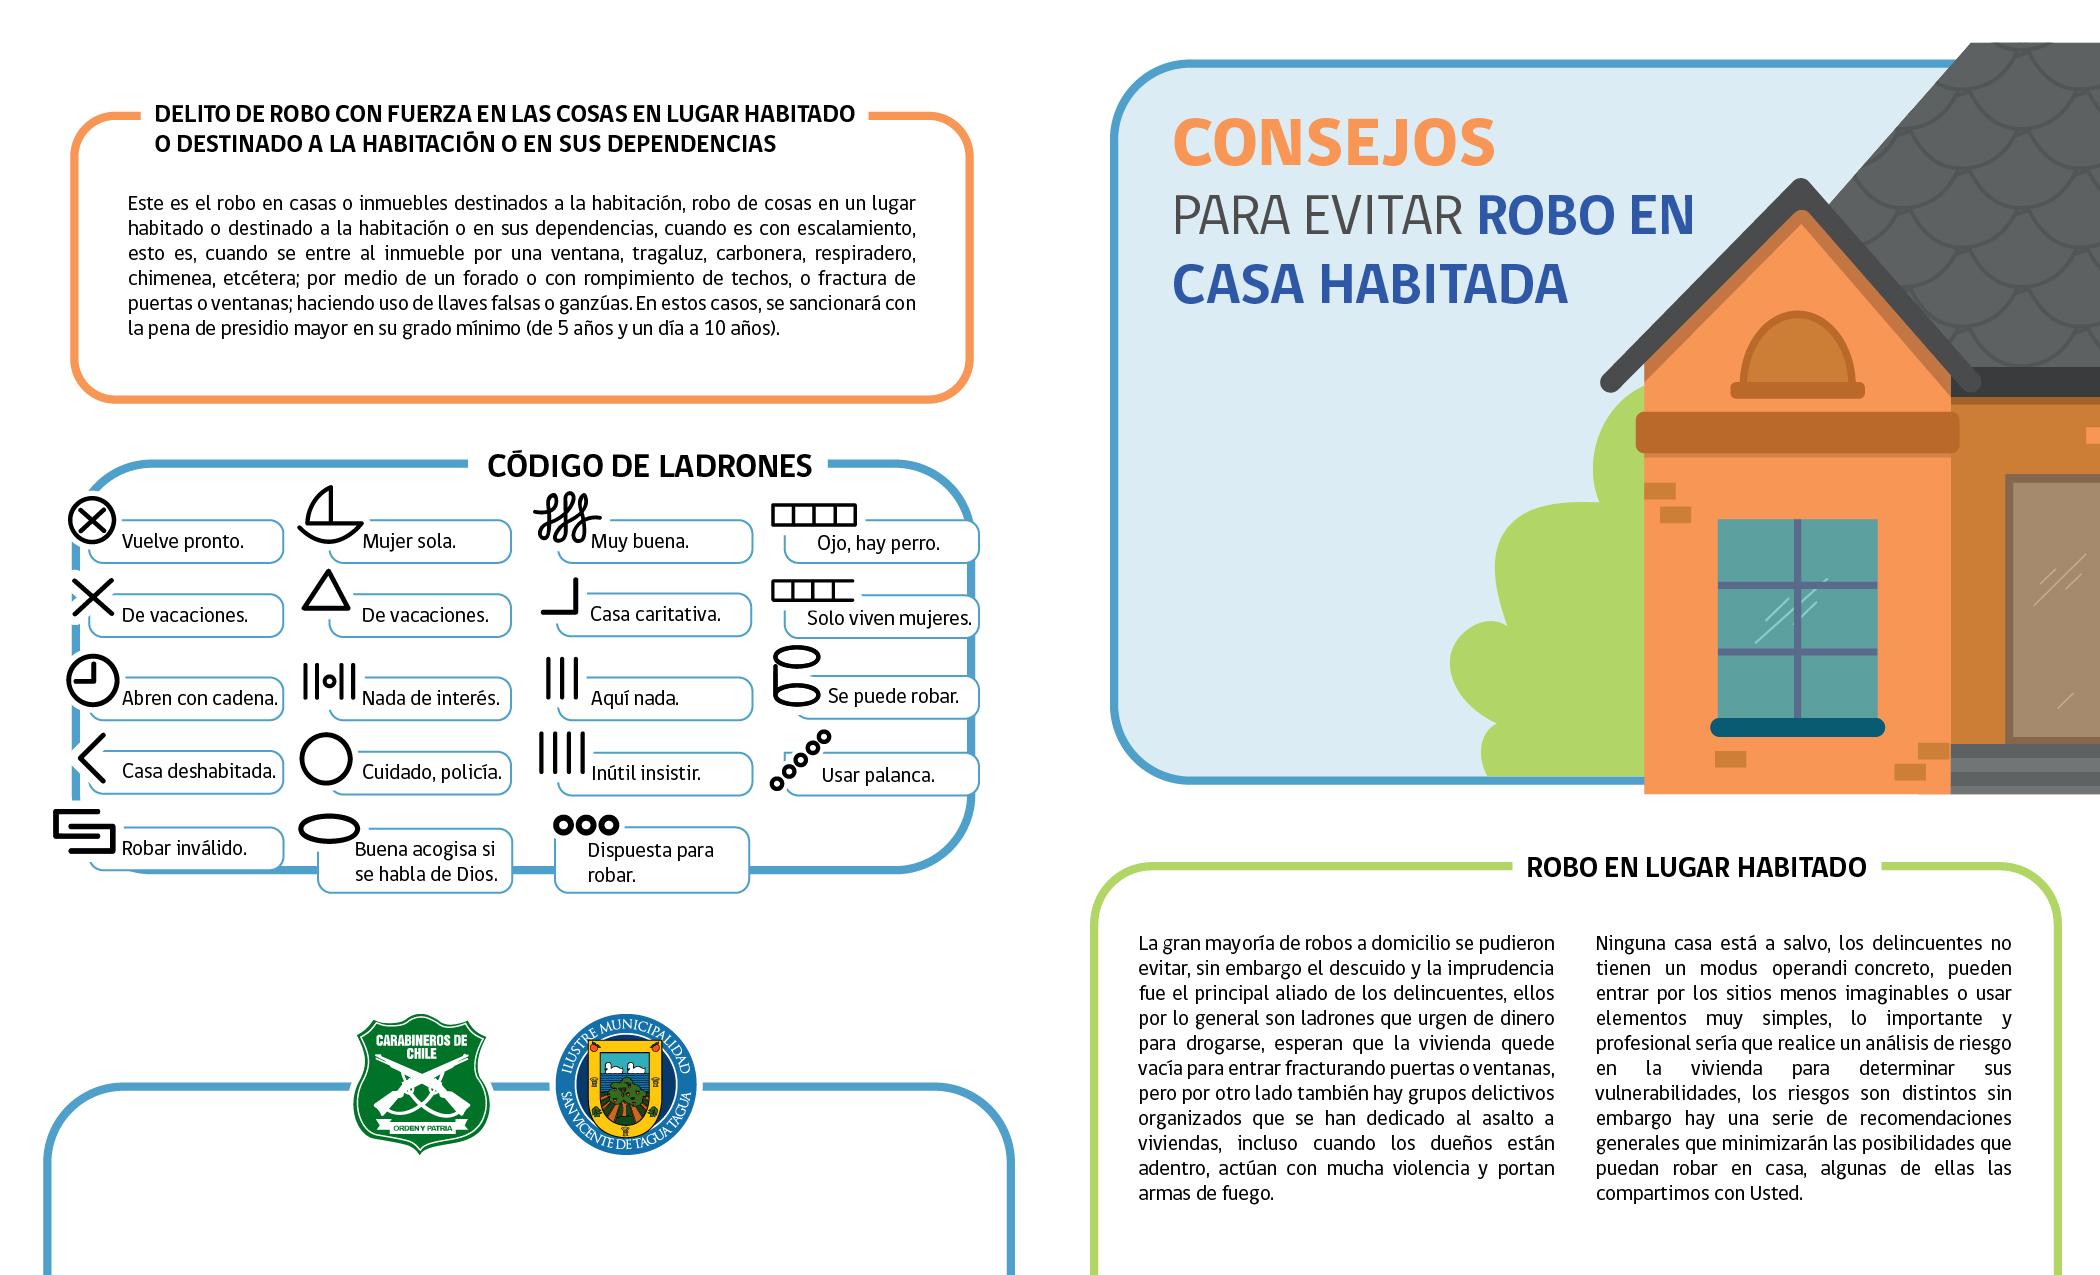 CAMPAÑA DIRECCIÓN COMUNAL DE SEGURIDAD PÚBLICA: CONSEJOS PARA EVITAR ROBO EN LUGAR HABITADO